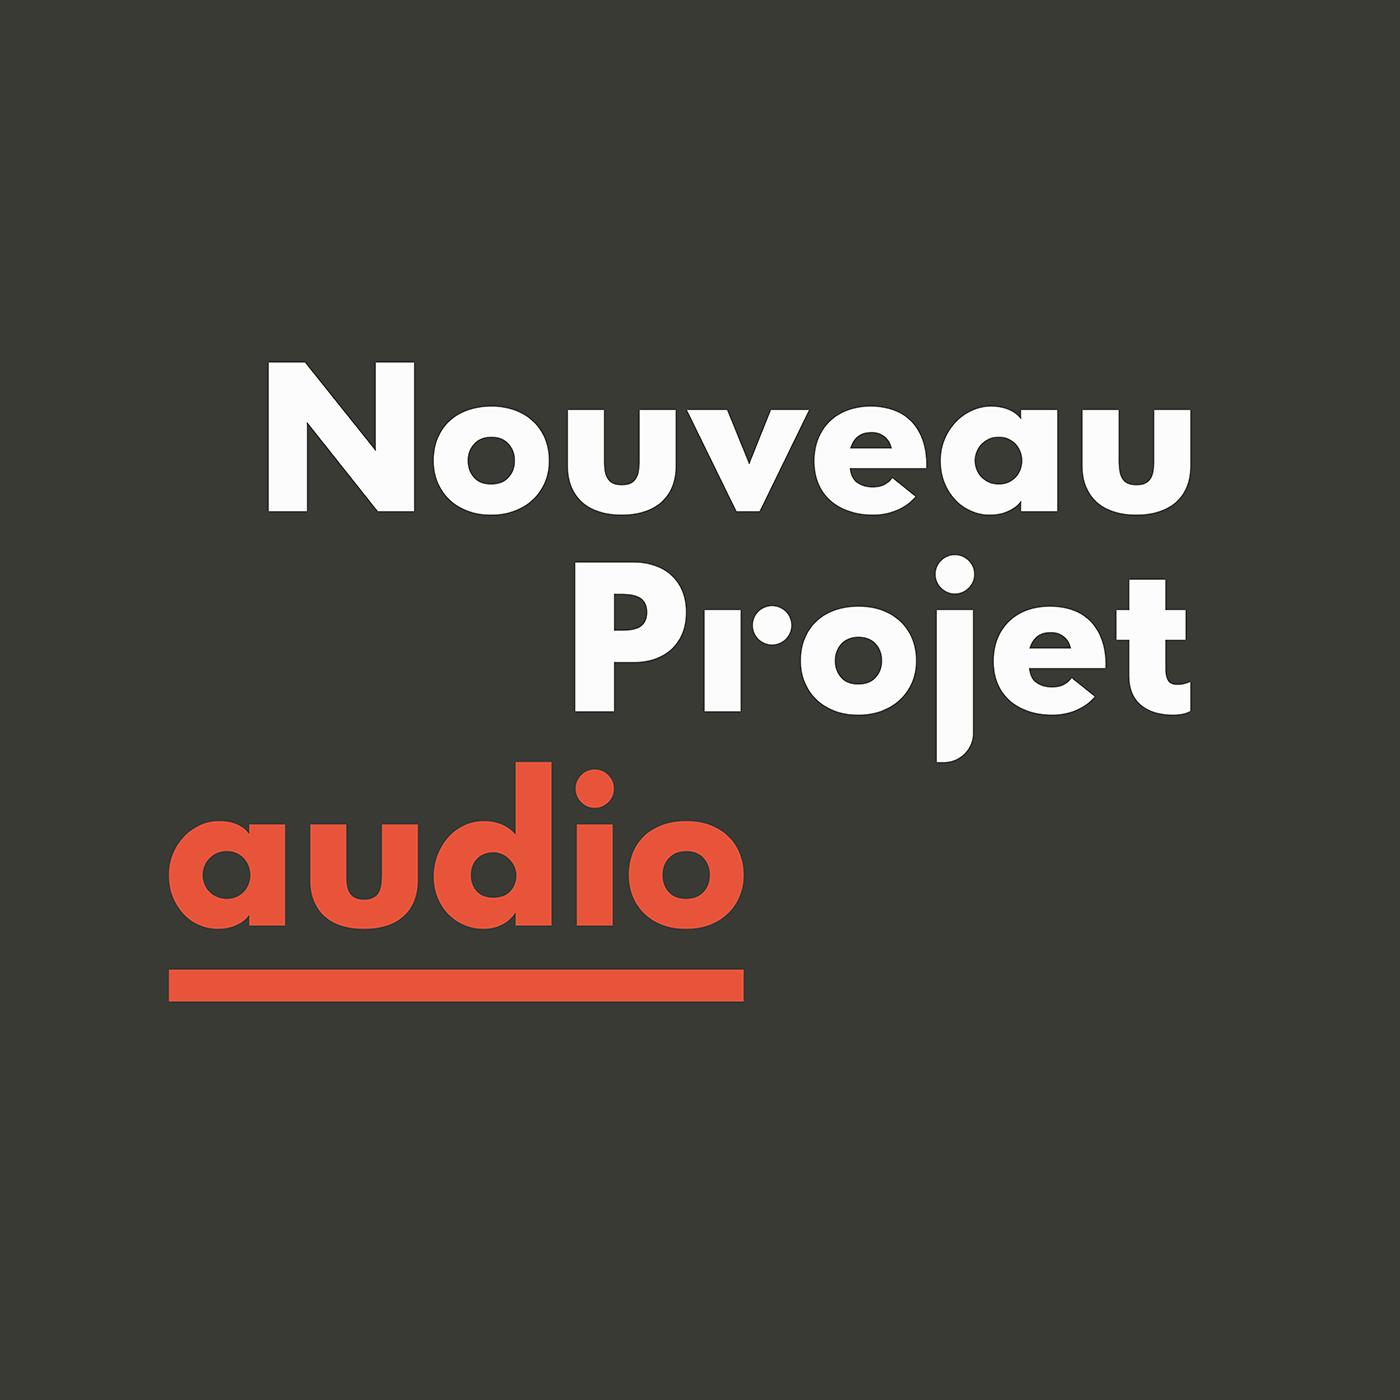 Nouveau Projet Audio